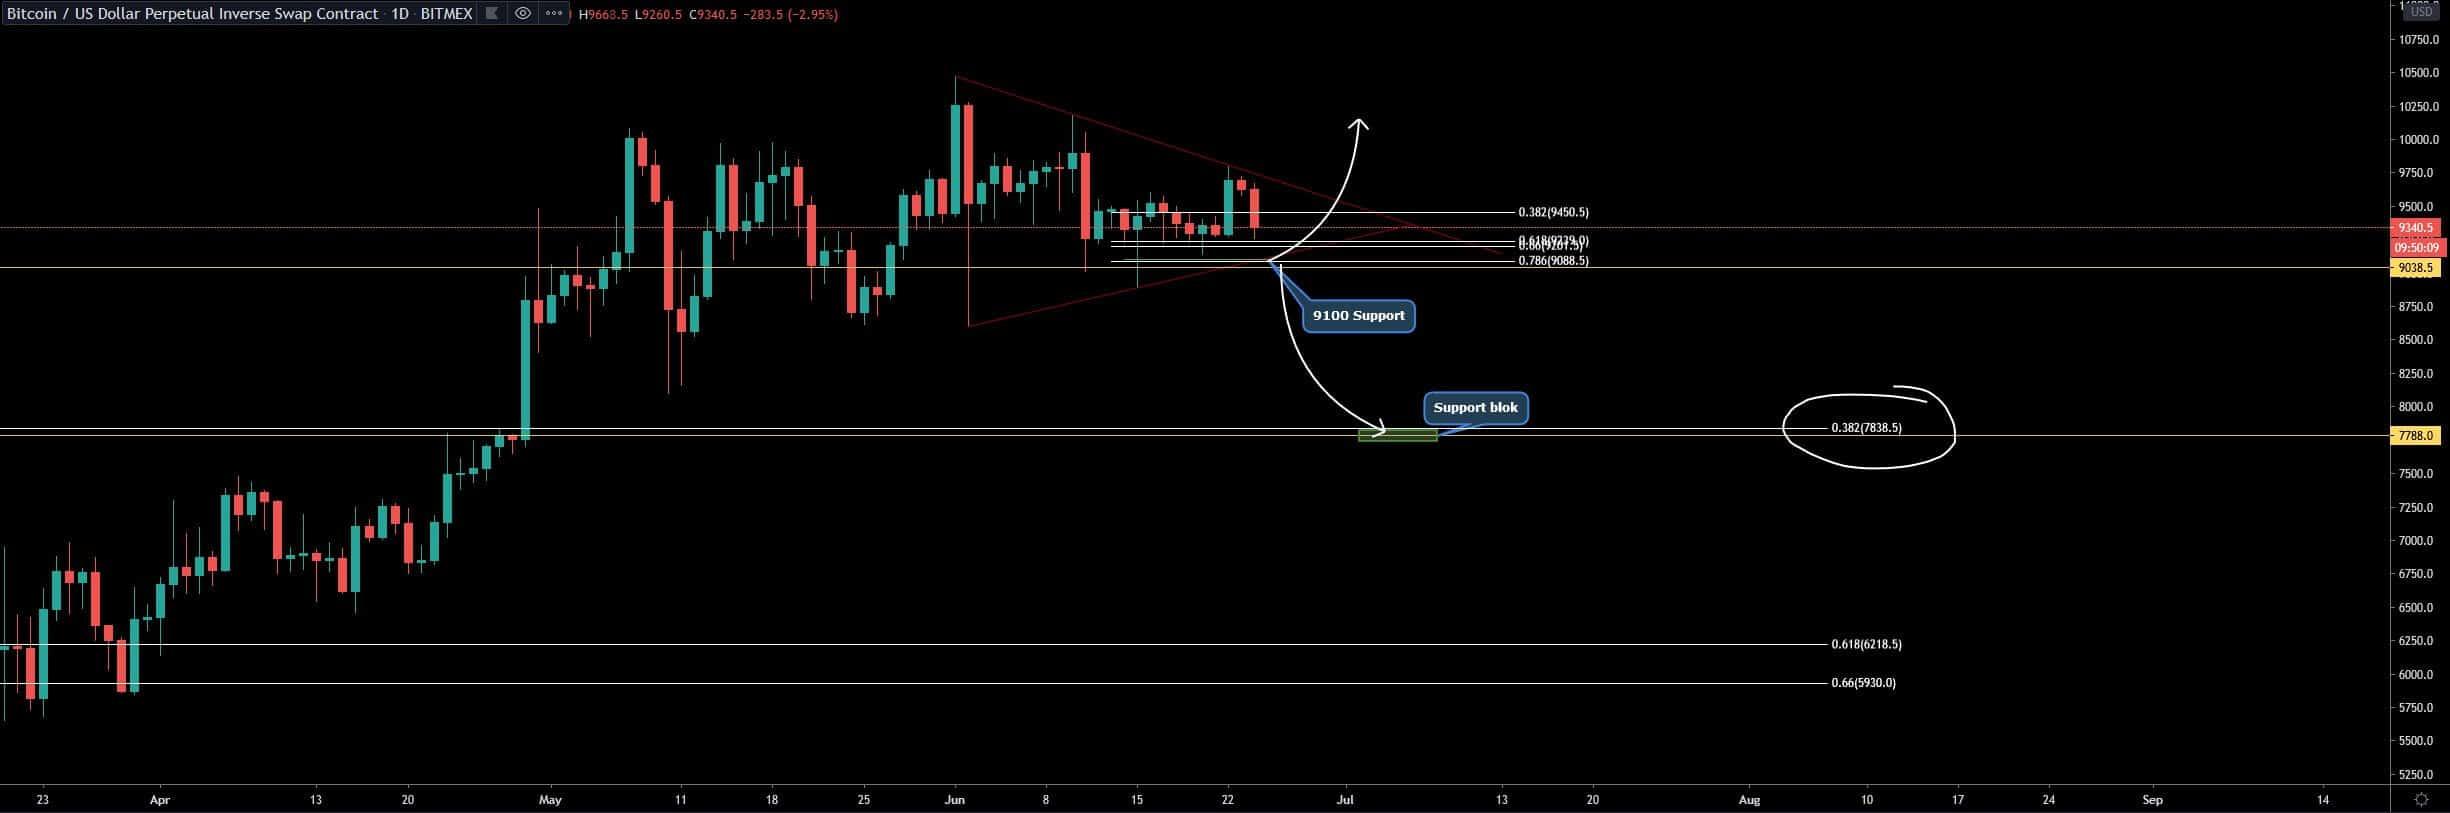 bitcoin_BTC_koers_volgens_stef_de_9100_dollar_moet_houden_grafiek